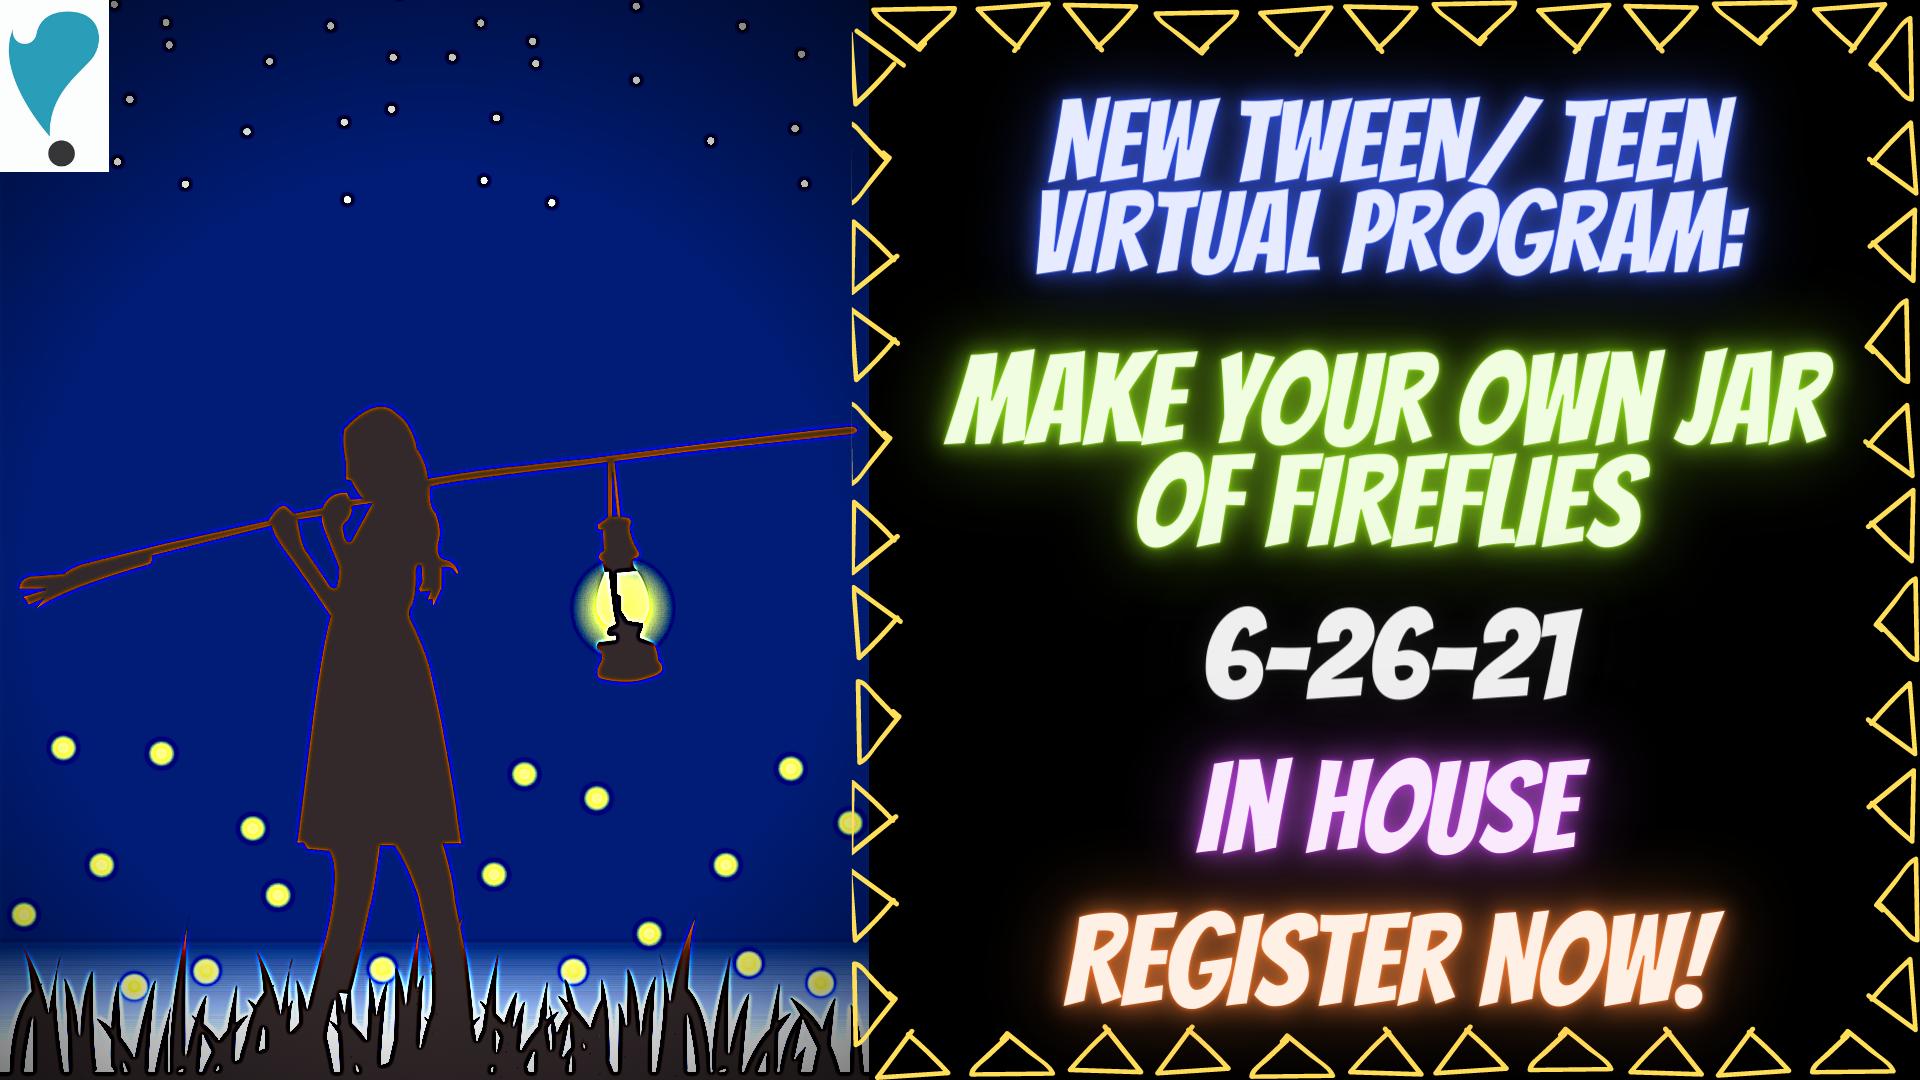 Tween/ Teen Program: Make Your Own Jar of Fireflies